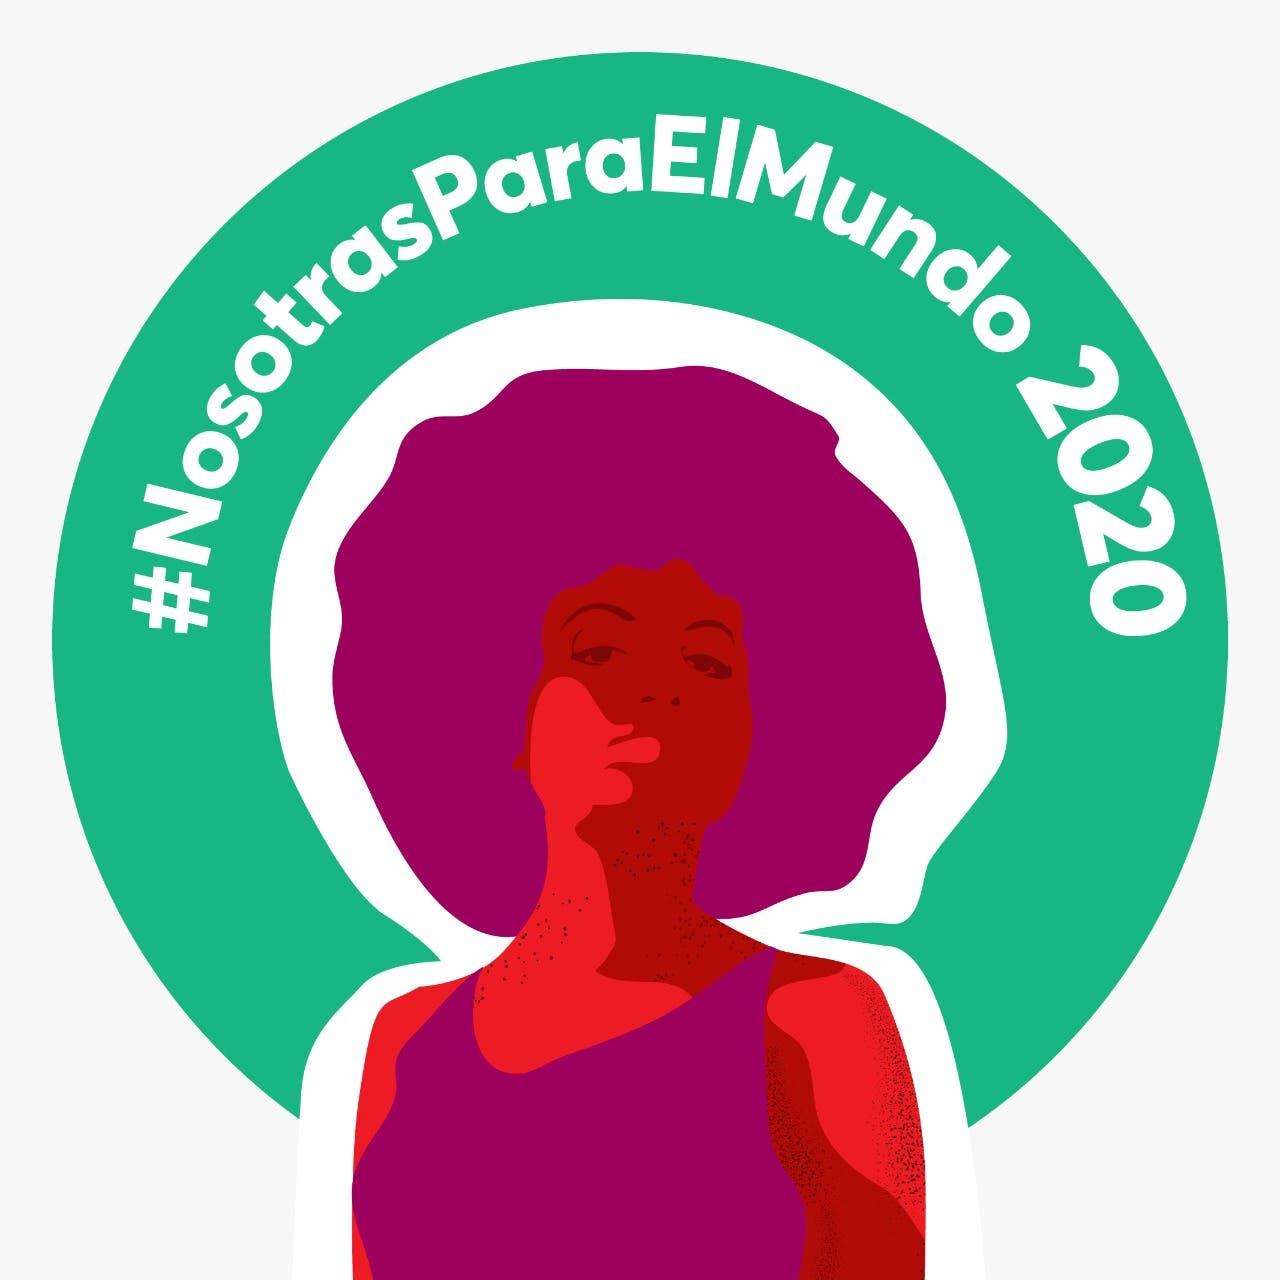 """Lanzan campaña """"Nosotras Para el Mundo"""", aportaciones de mujeres de la diversidad sexual a la sociedad dominicana"""